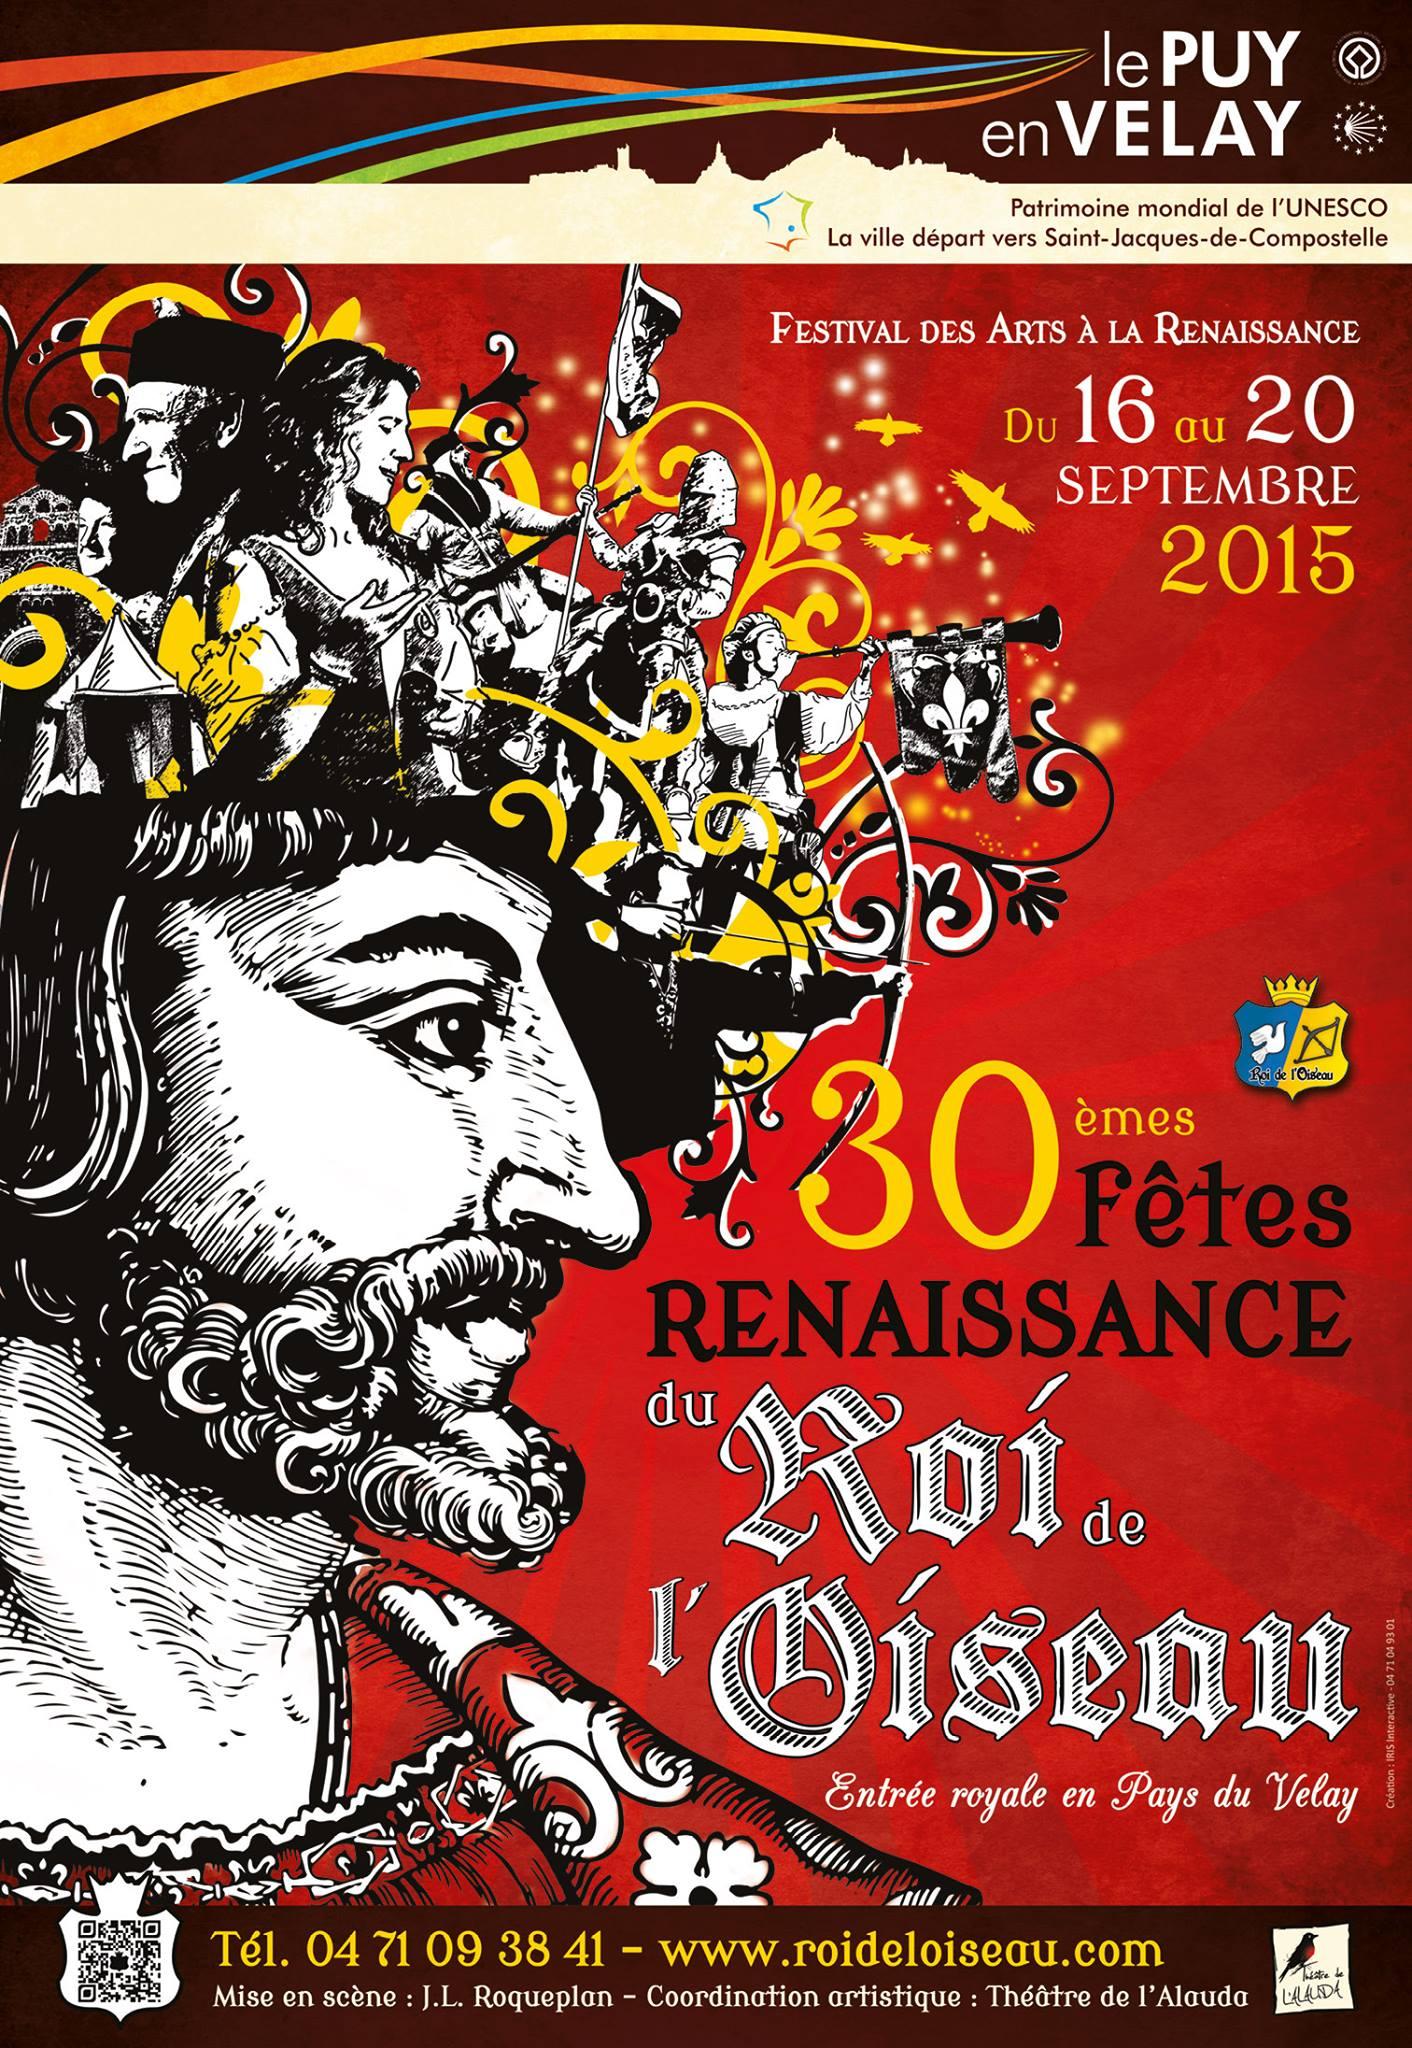 Design Creation Le Puy En Velay fêtes renaissance du roi de l'oiseau - du 16 au 20 septembre